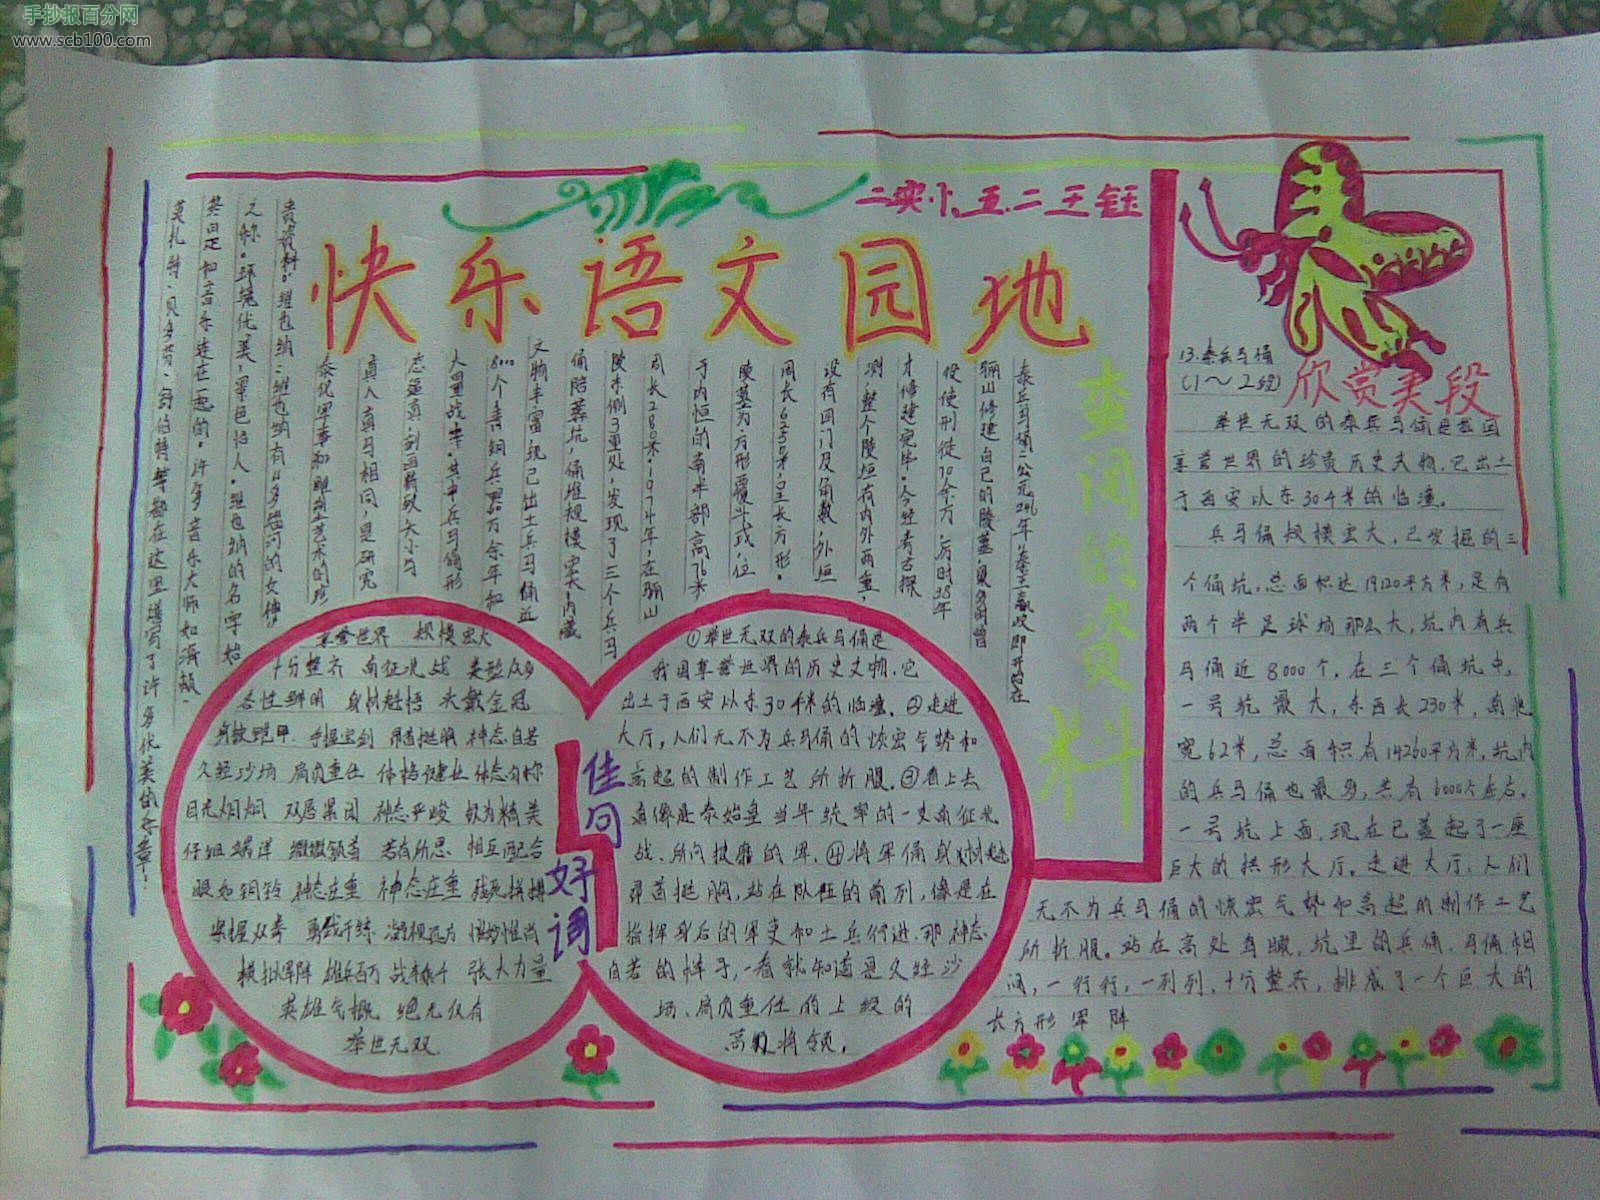 五年级语文手抄报设计图